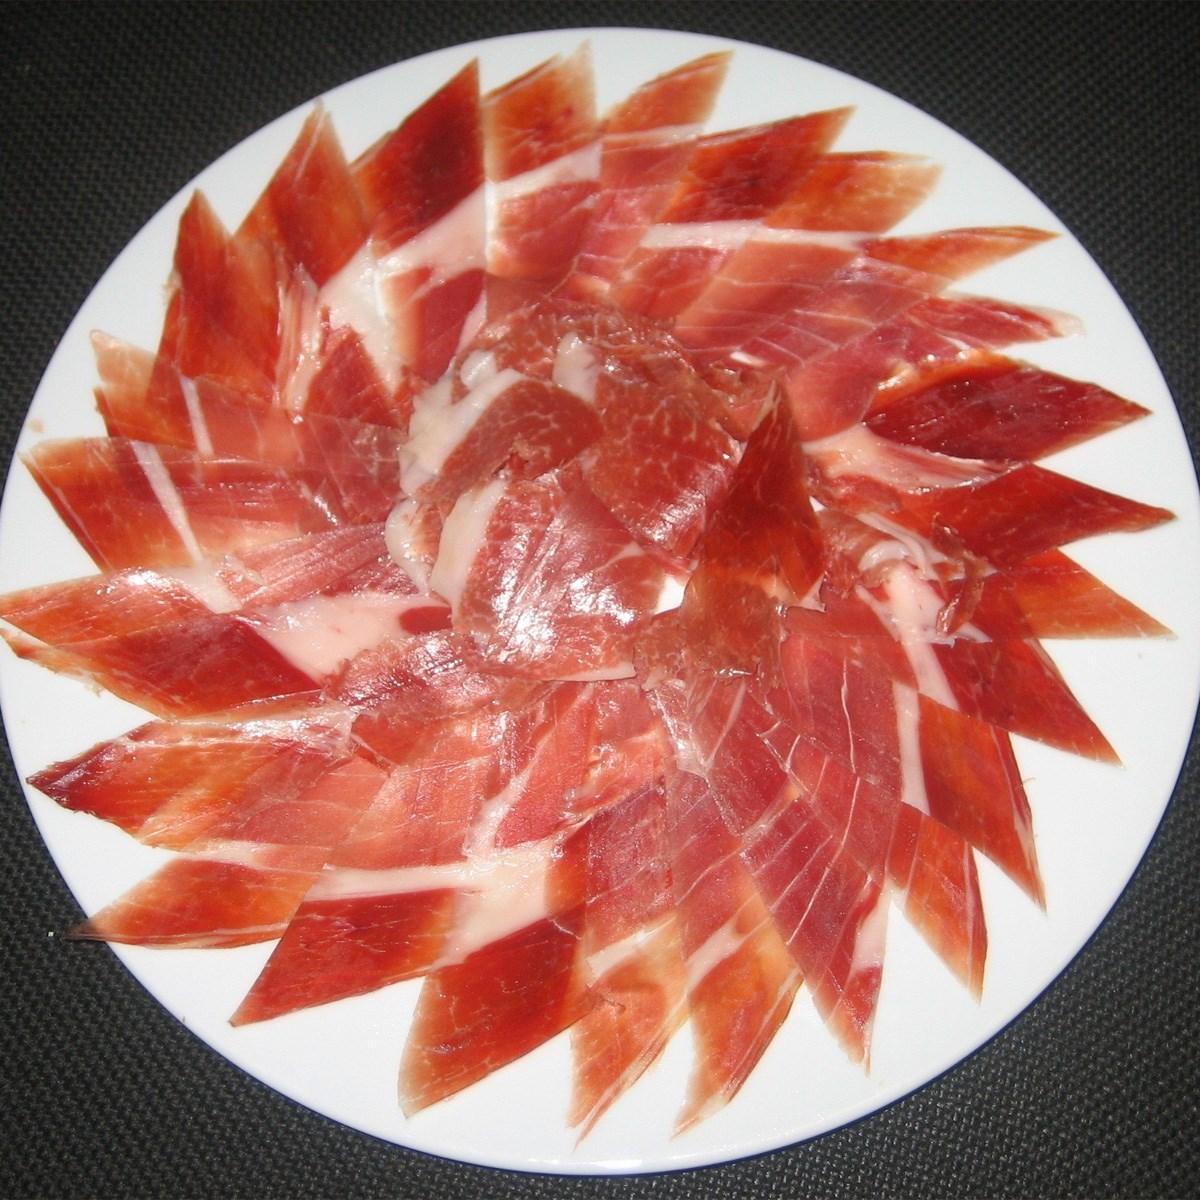 Comprar jam n ib rico de bellota quercus comejamon - Platos con jamon iberico ...